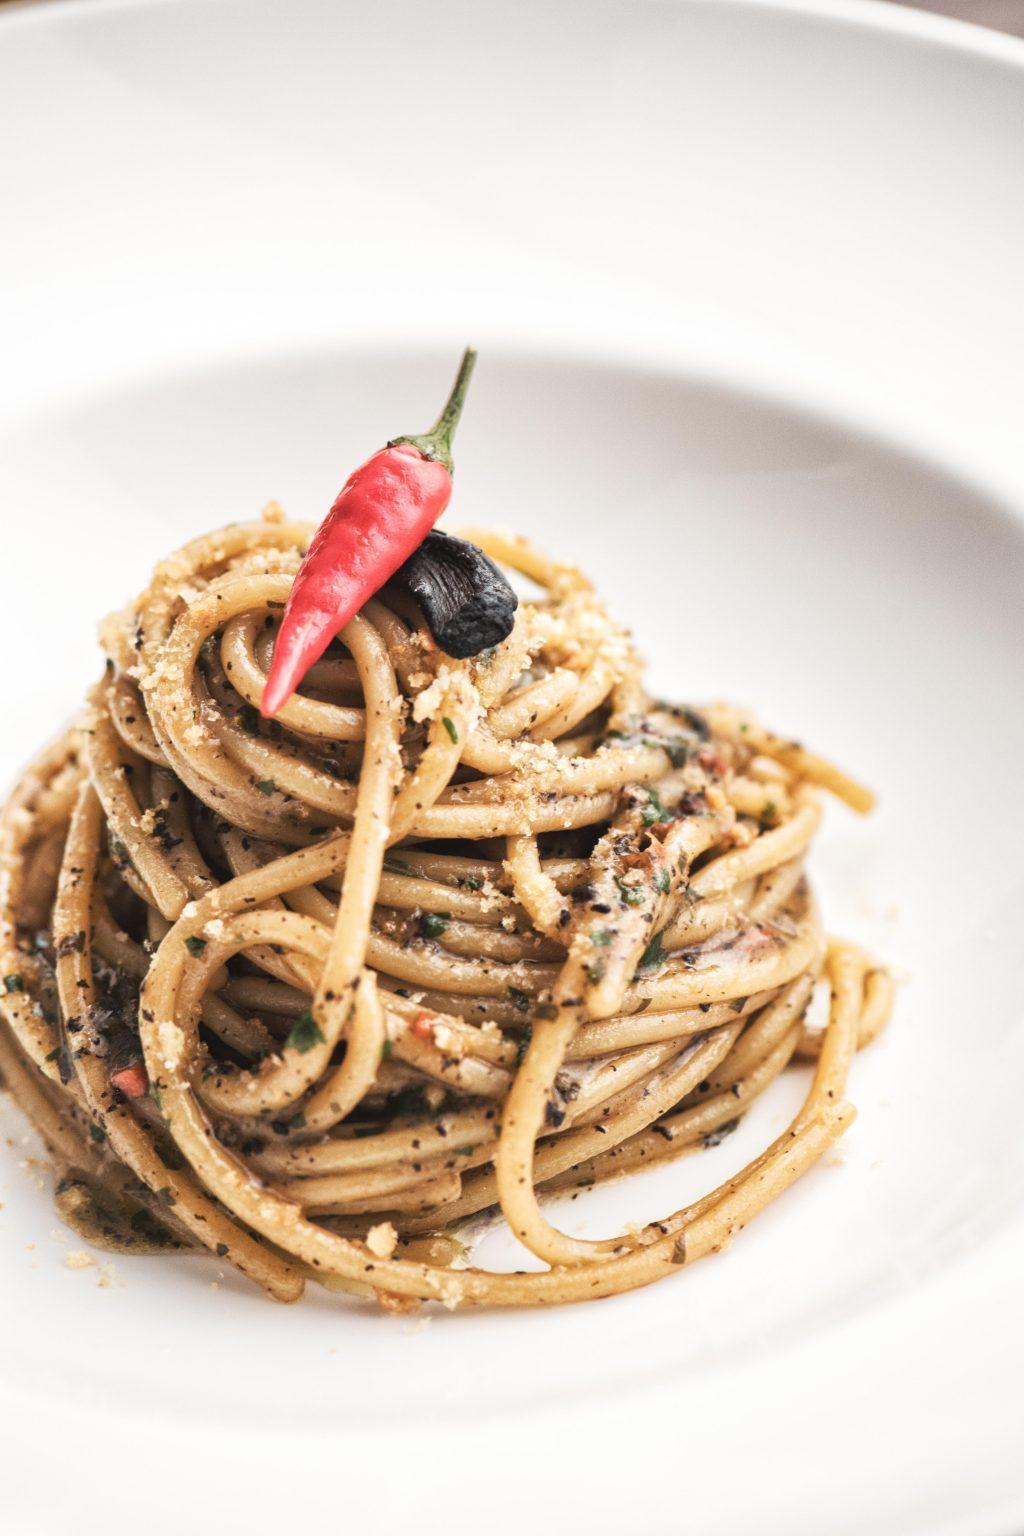 Ricetta vegetariana: aglio e olio con pane secco